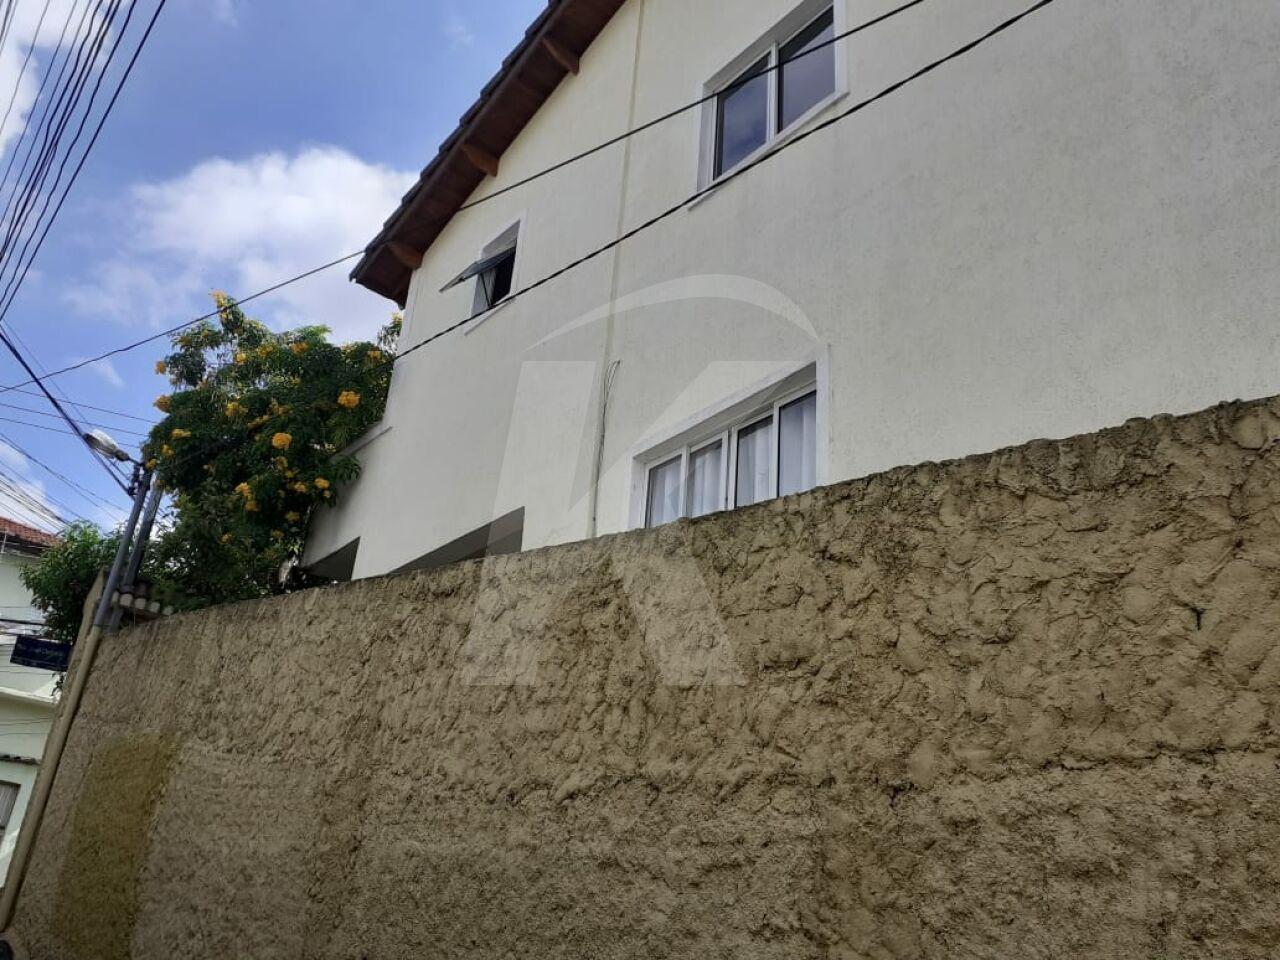 Sobrado Vila Gustavo - 4 Dormitório(s) - São Paulo - SP - REF. KA14136